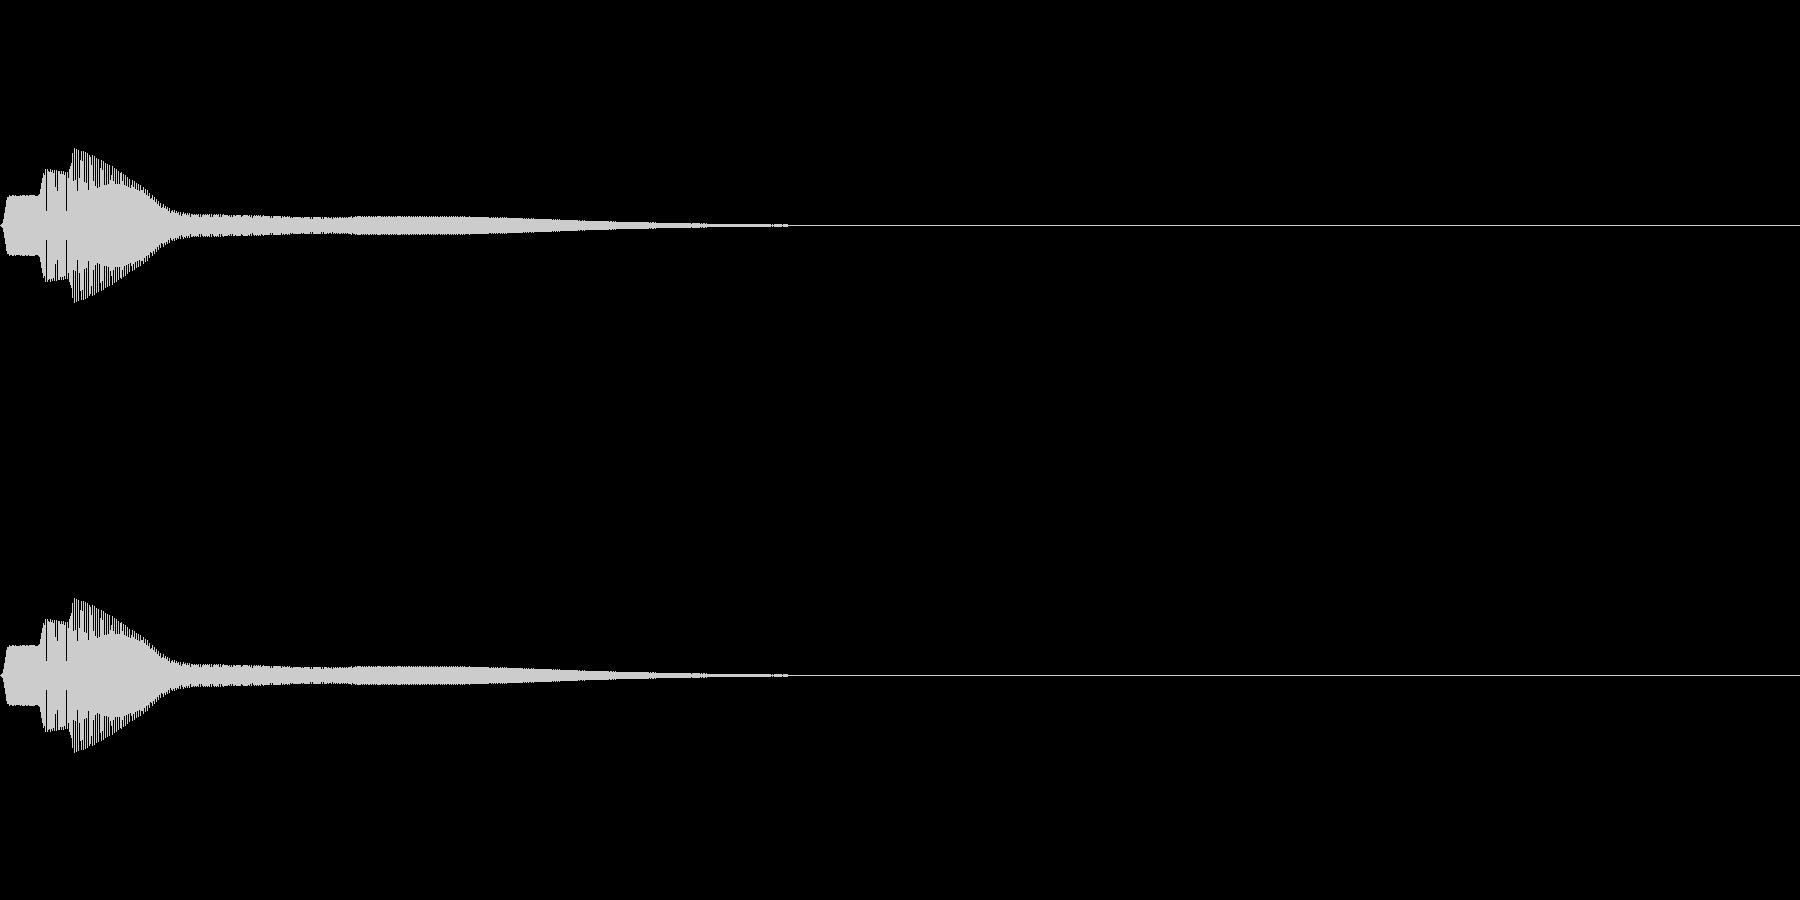 ピン (テロップ/クリックする音)の未再生の波形